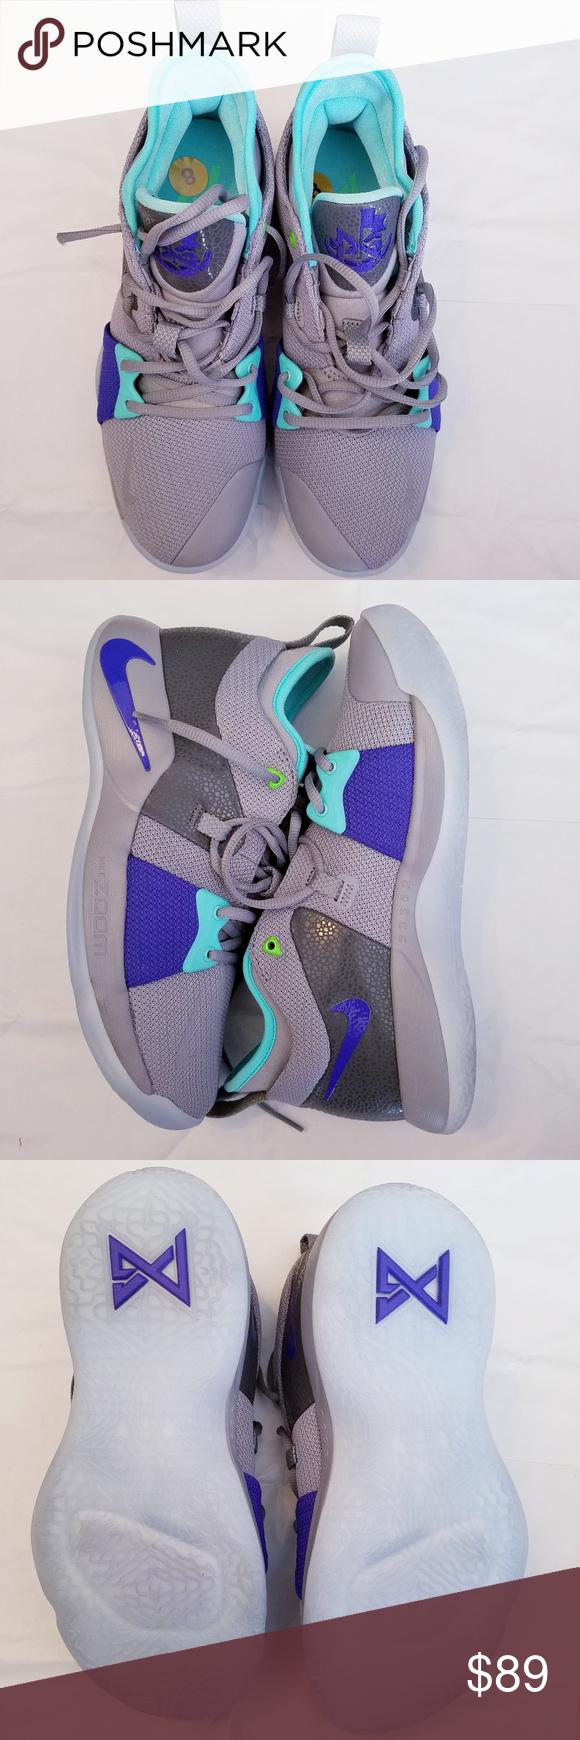 Paul George basketball sneakers Nike PG